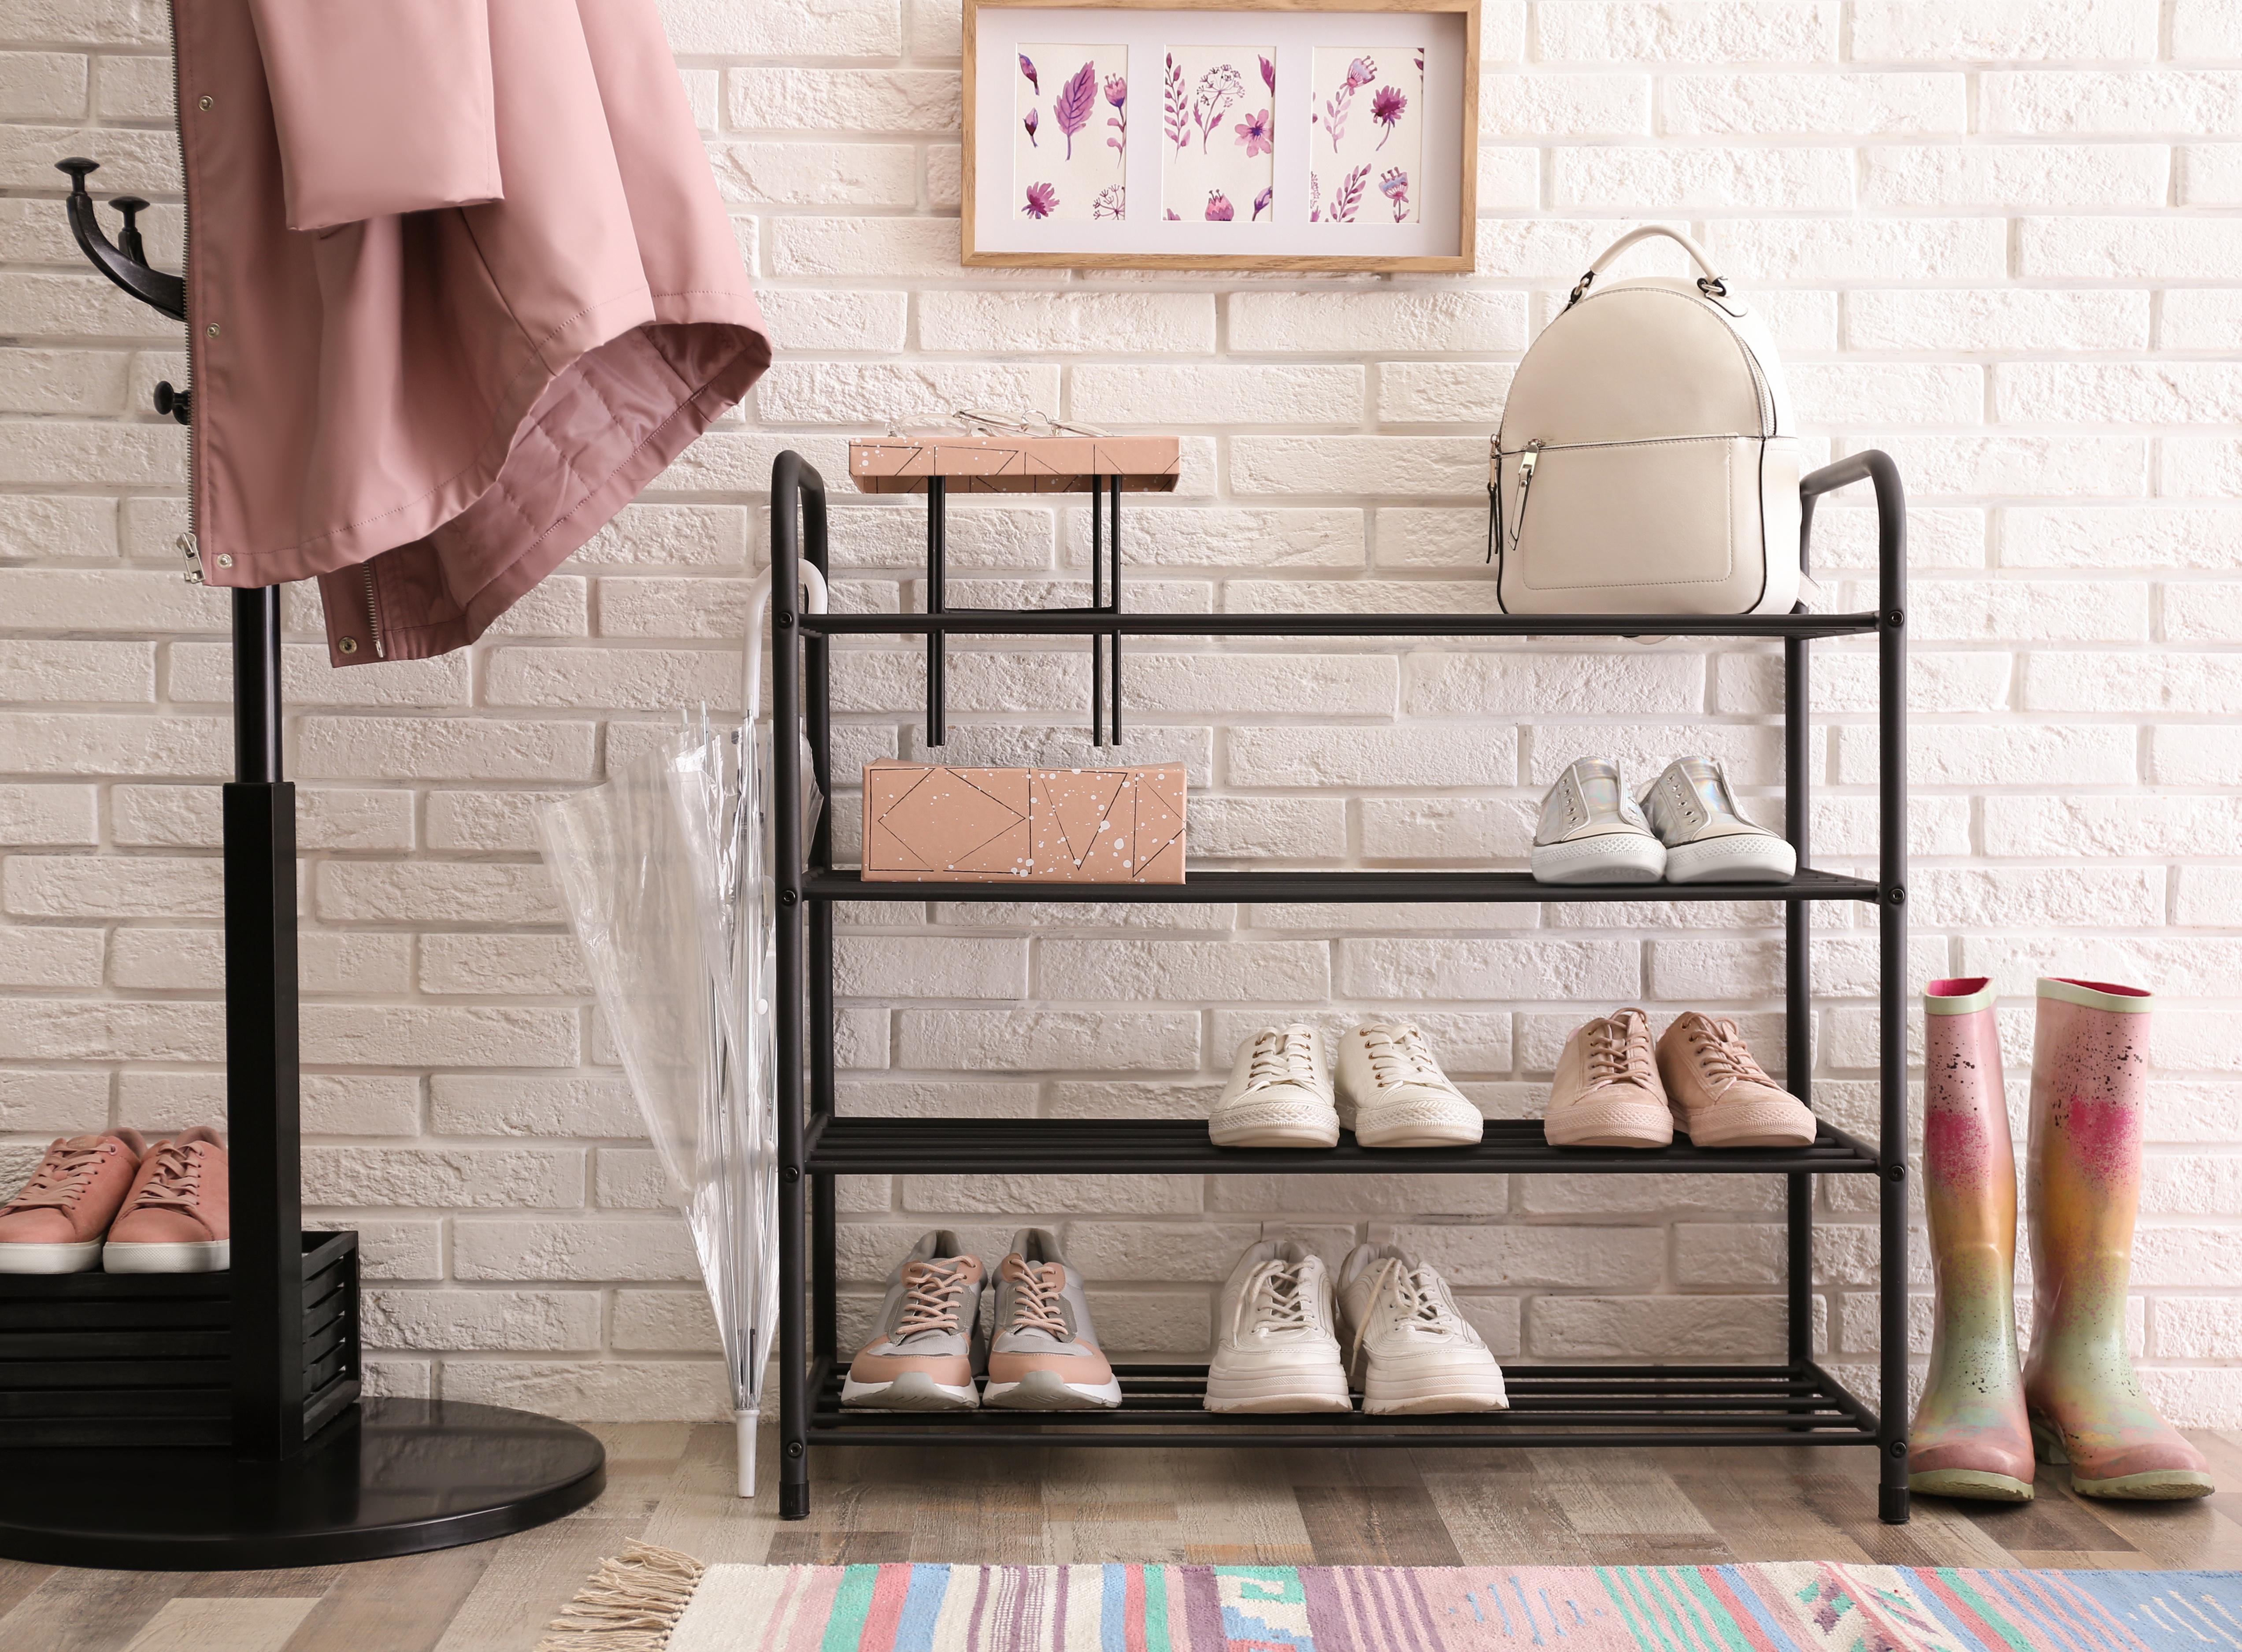 storage clutter